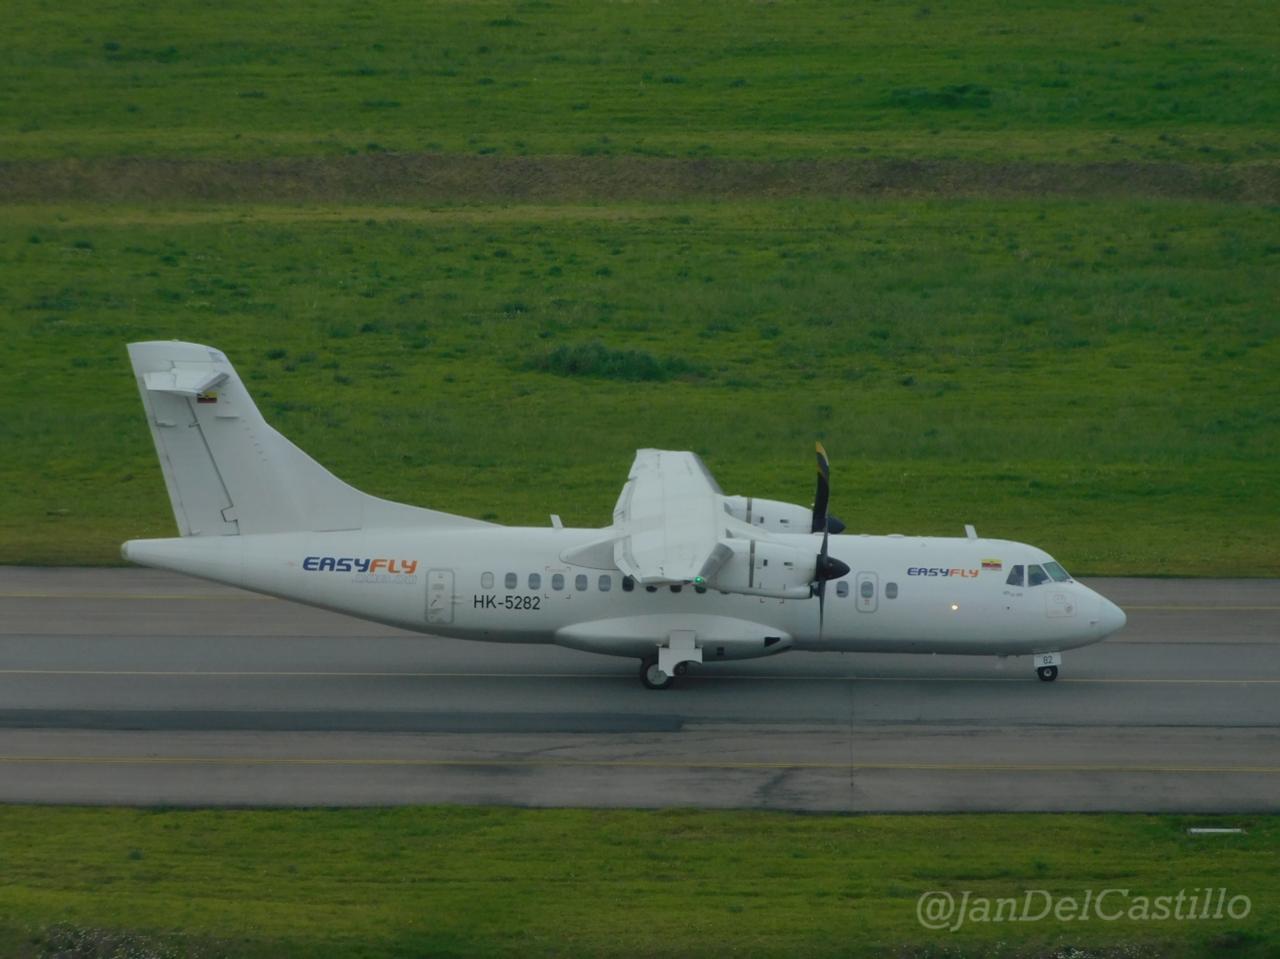 EasyFly inaugura vuelo Bucaramanga-Pereira